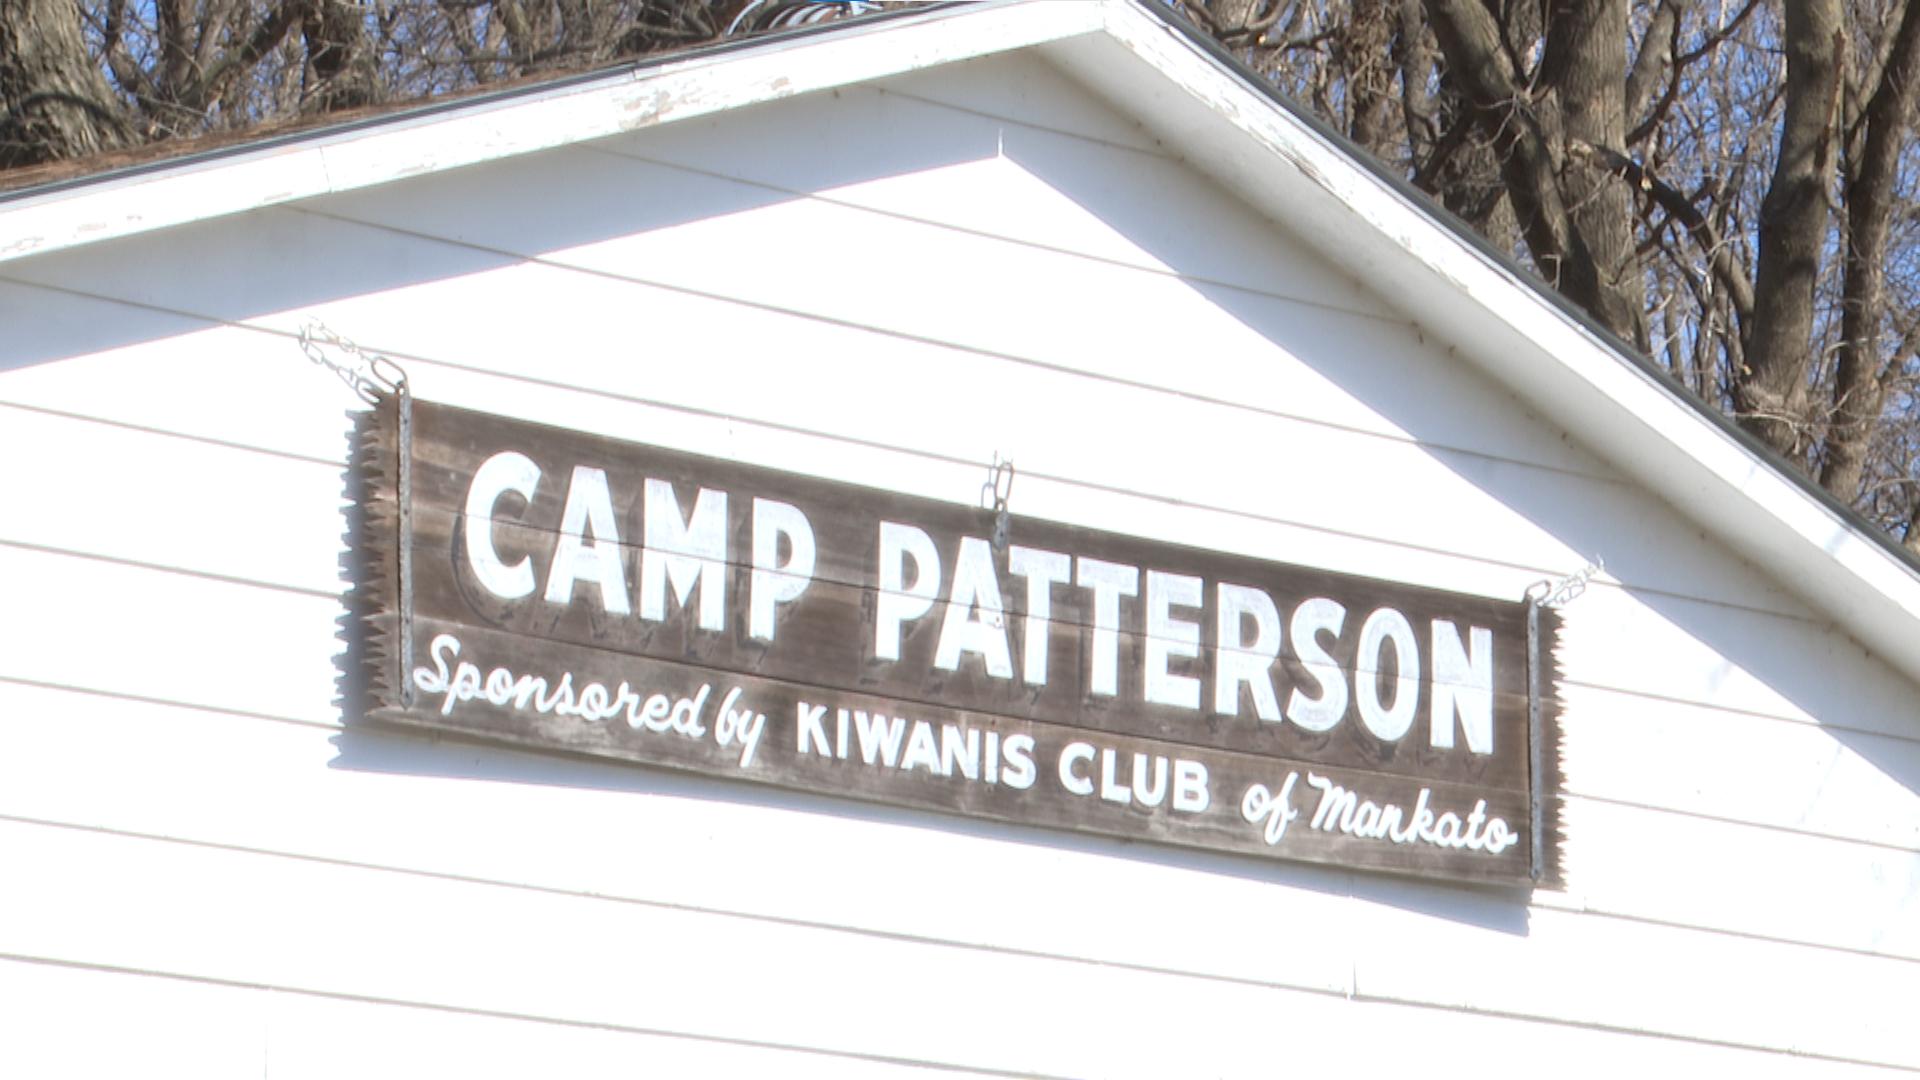 Camp Patterson Lake Washington Mn